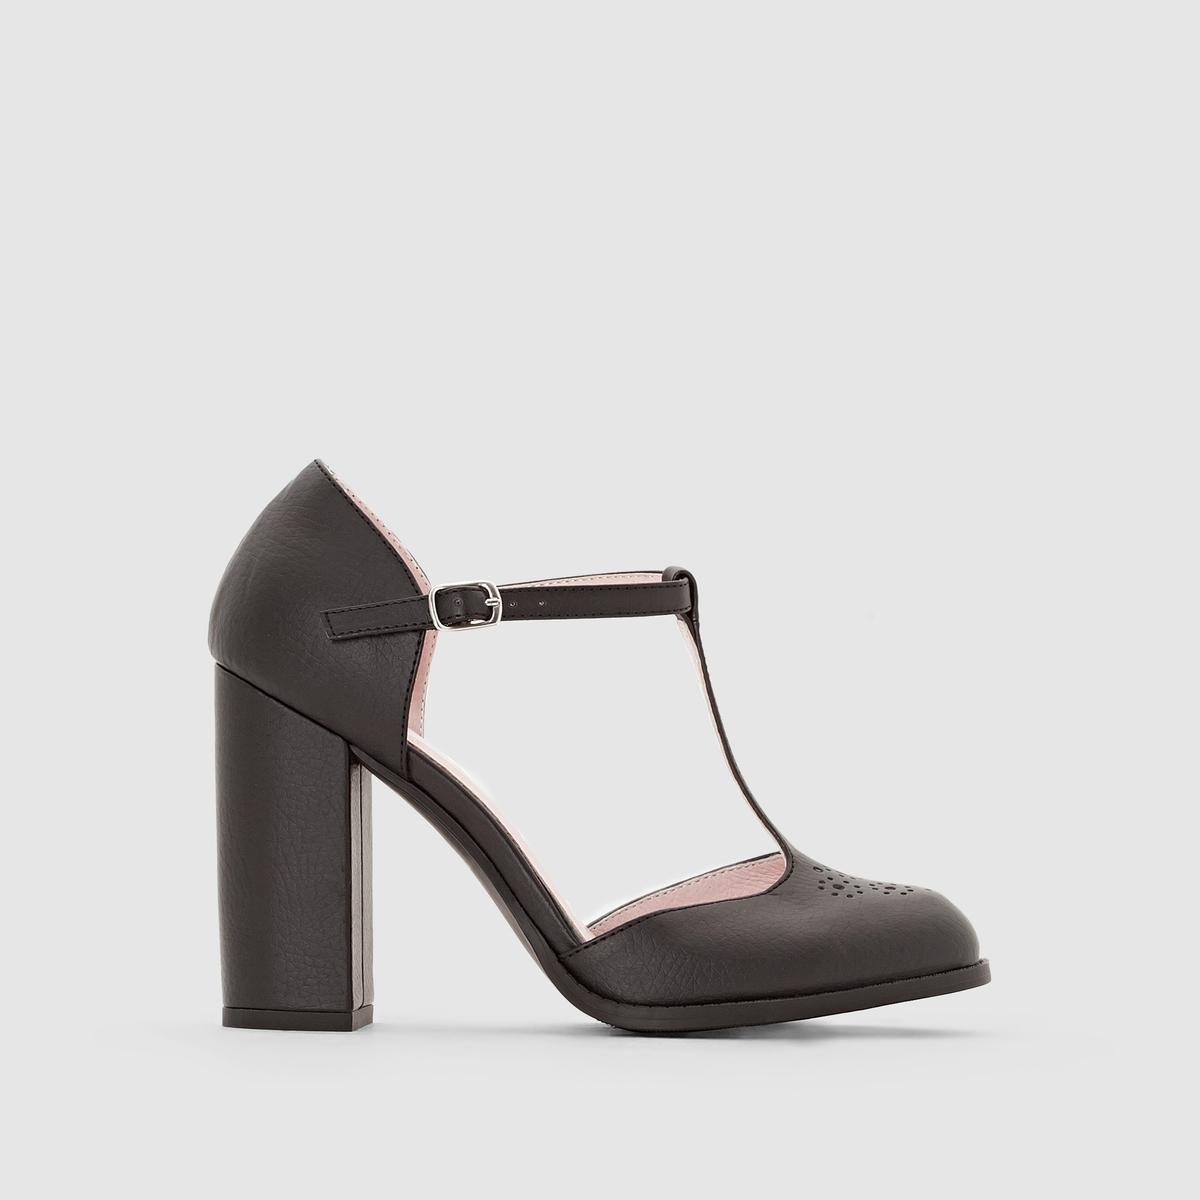 Туфли с ремешком на высоком каблукеПреимущества : Очень модные туфли с высоким каблуком и ремешком вокруг щиколотки.<br><br>Цвет: черный